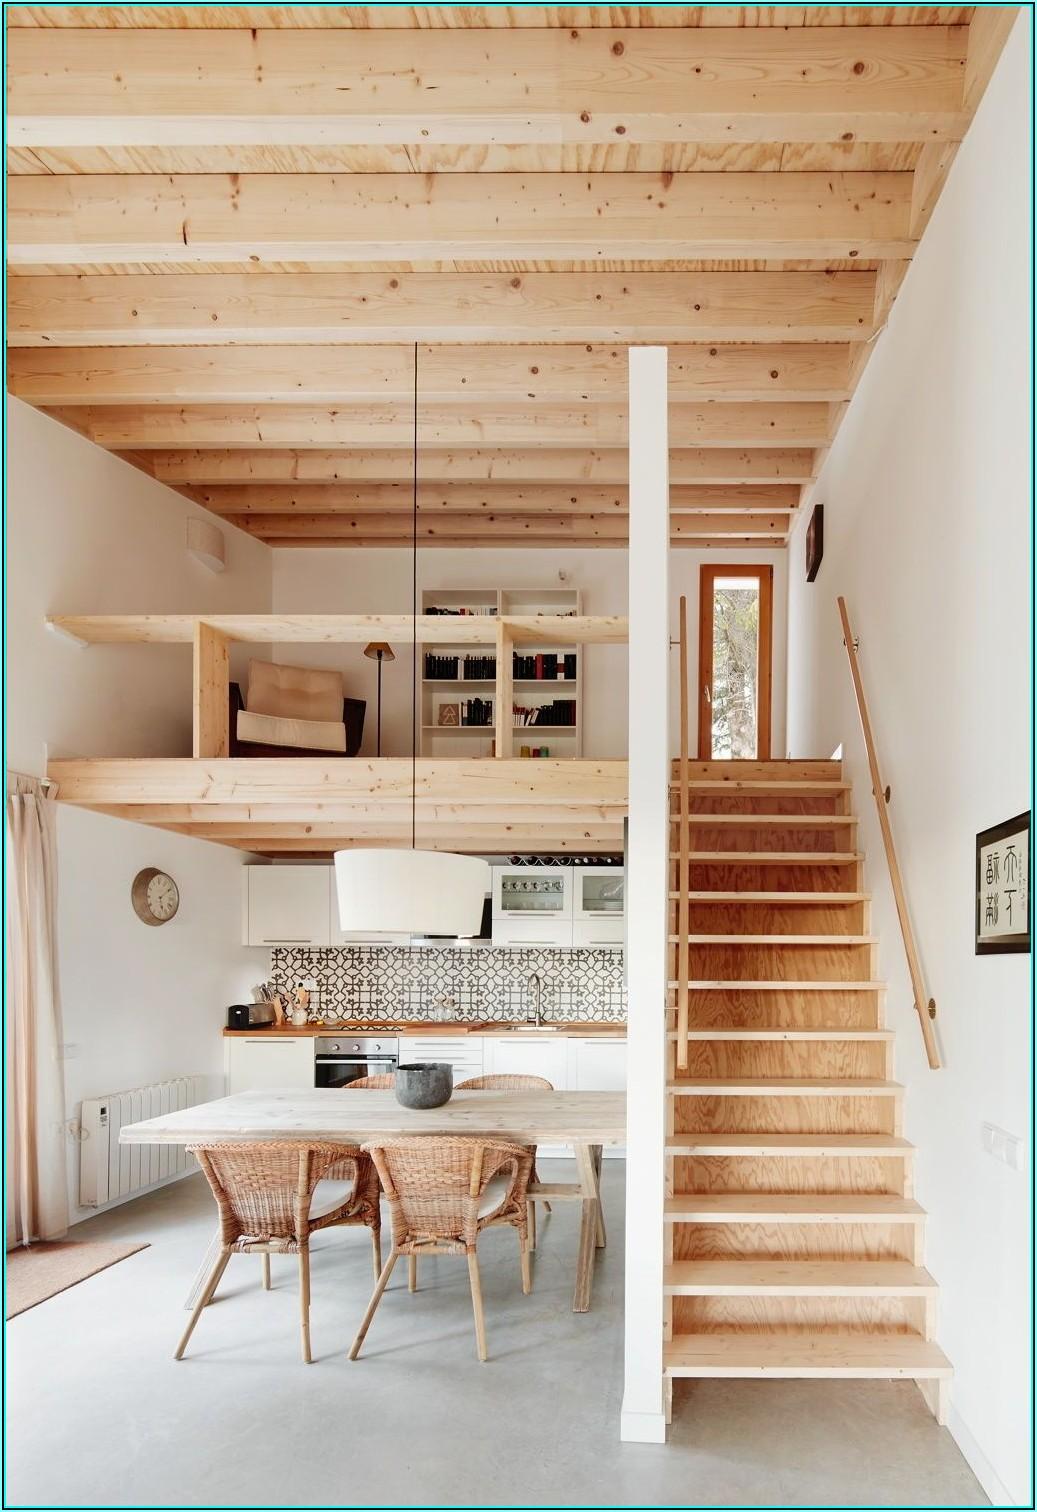 Ideen Für Wohnzimmer Holzhaus